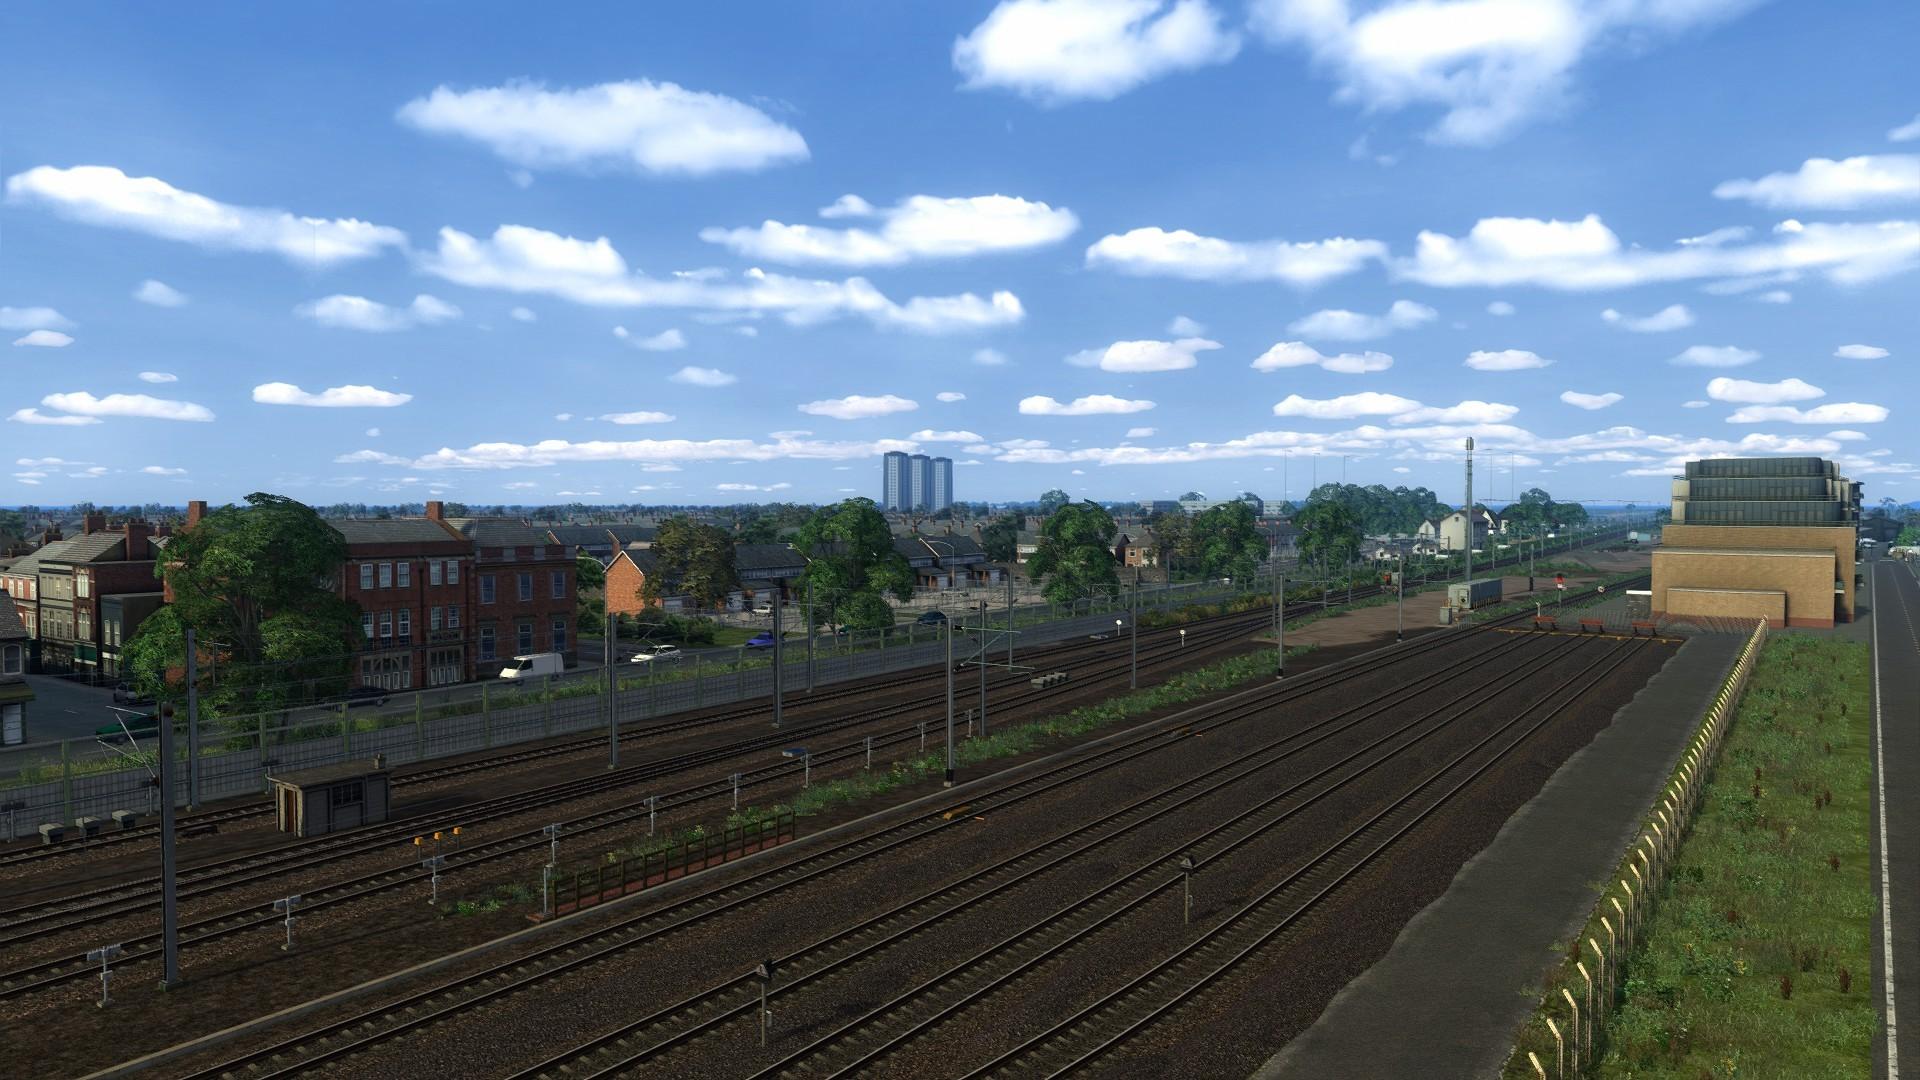 Serinathea sidings along the main line